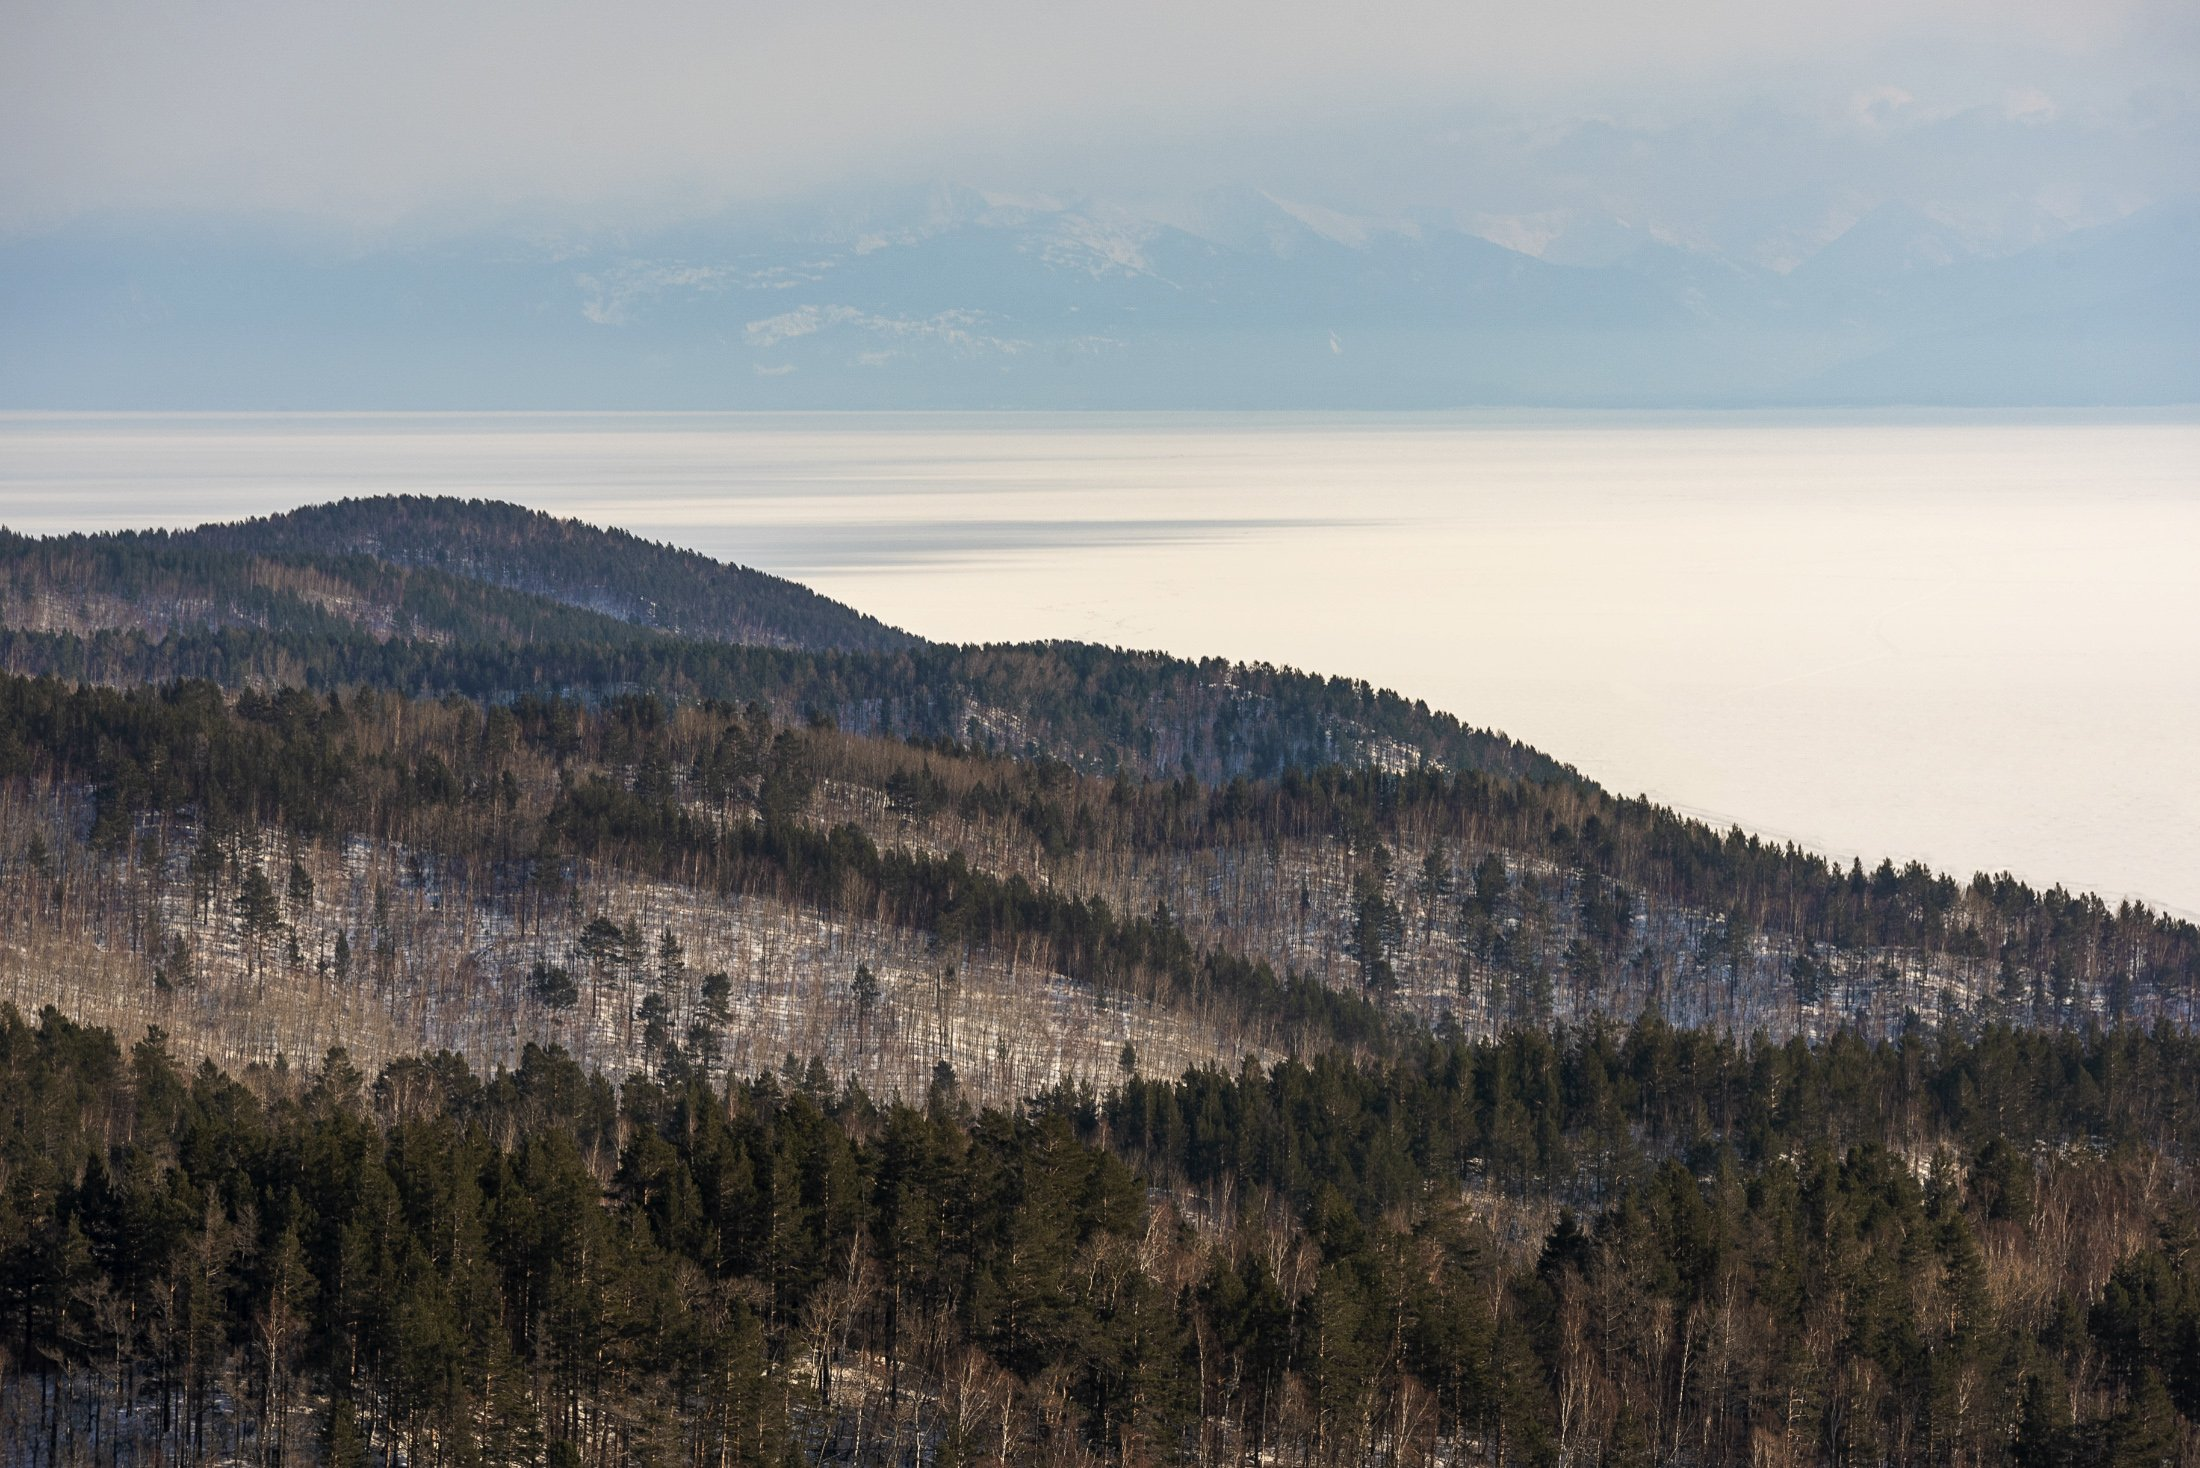 Байкал, сопки, весна, Владимир Штыриков